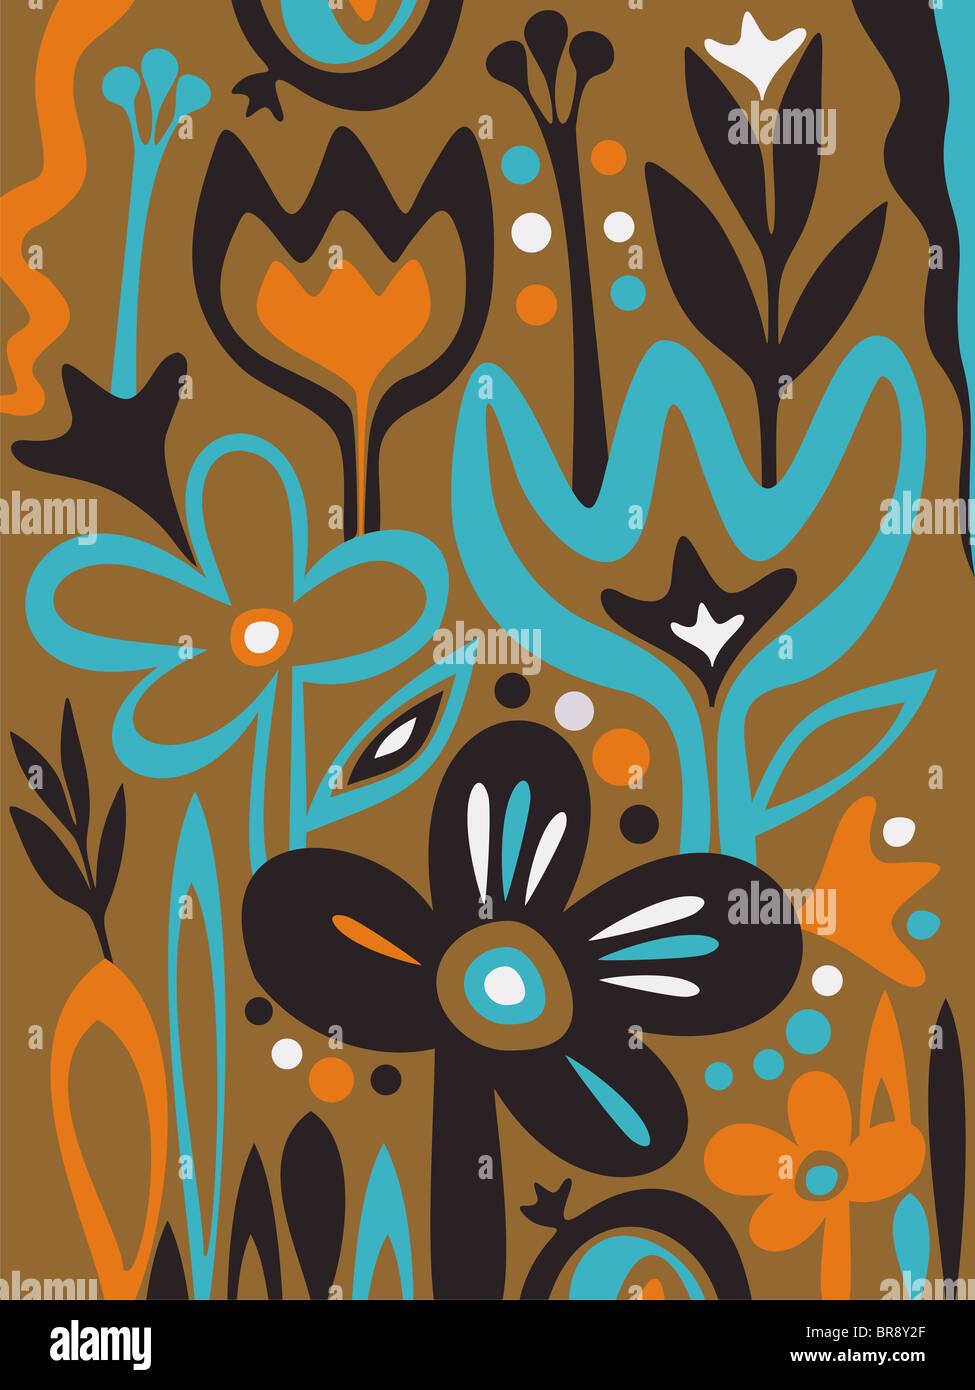 Una bizzarra illustrazione di fiori selvatici Immagini Stock